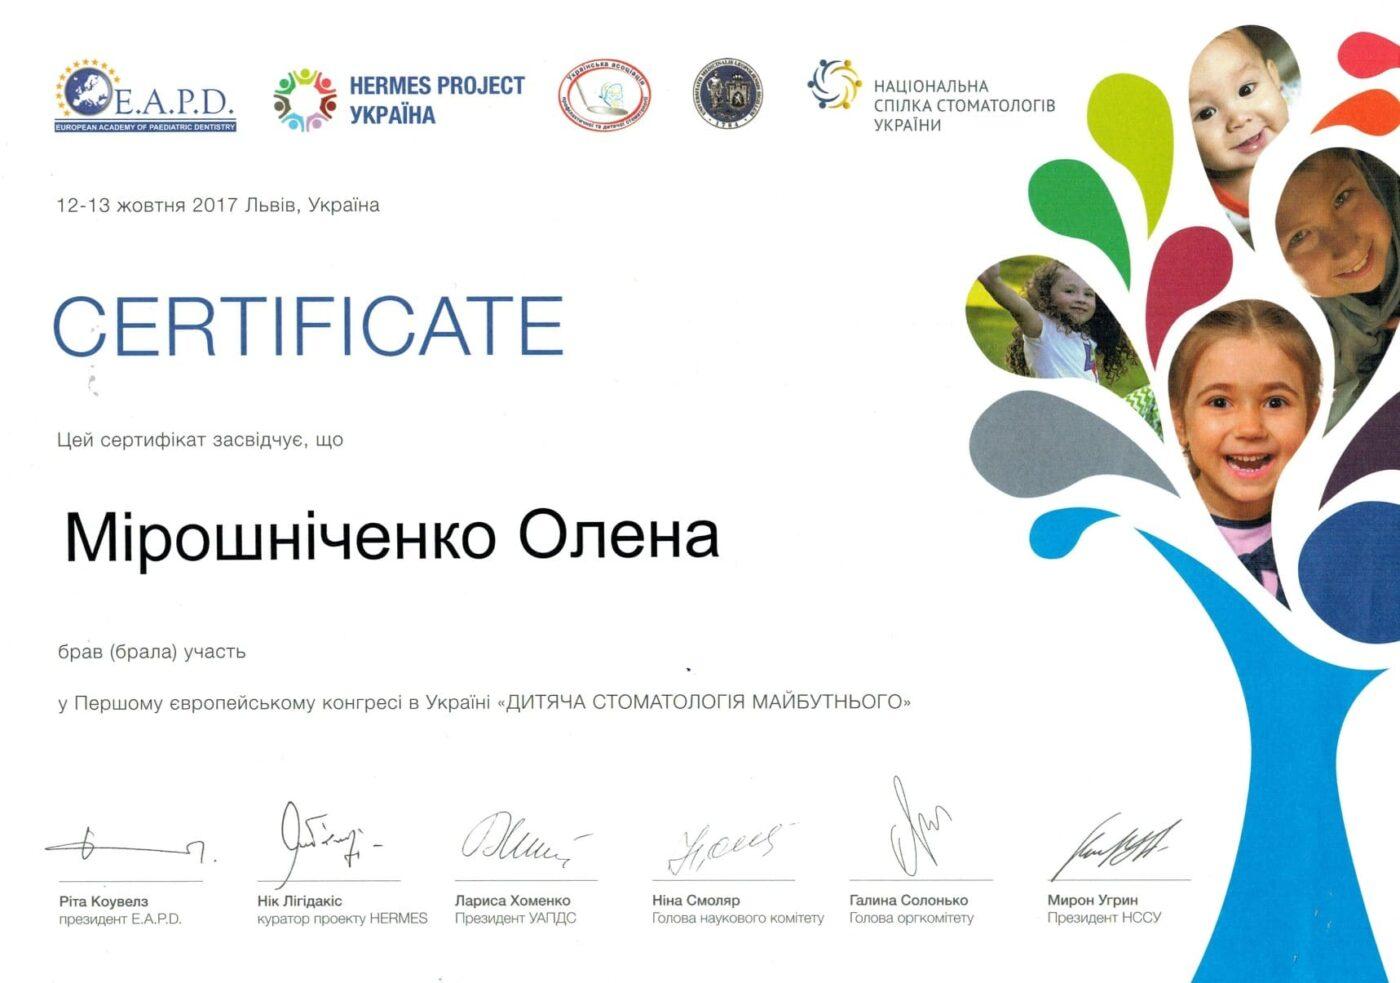 Сертификат подтверждающий участие Алёны Мирошниченко в конгрессе - детская стоматология будущего